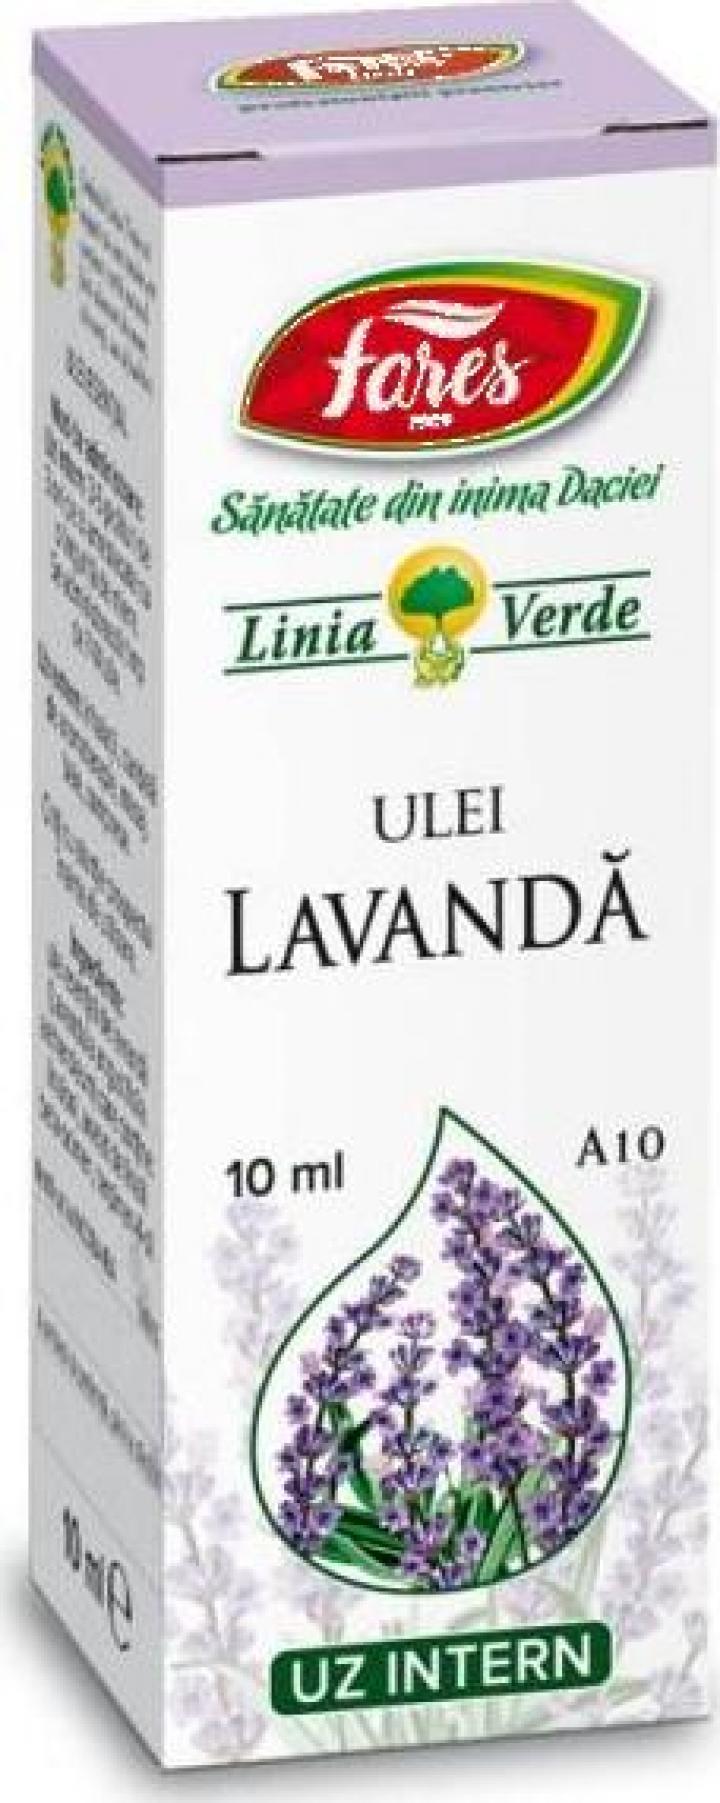 Ulei esential de Lavanda A10 - 10 ml Fares